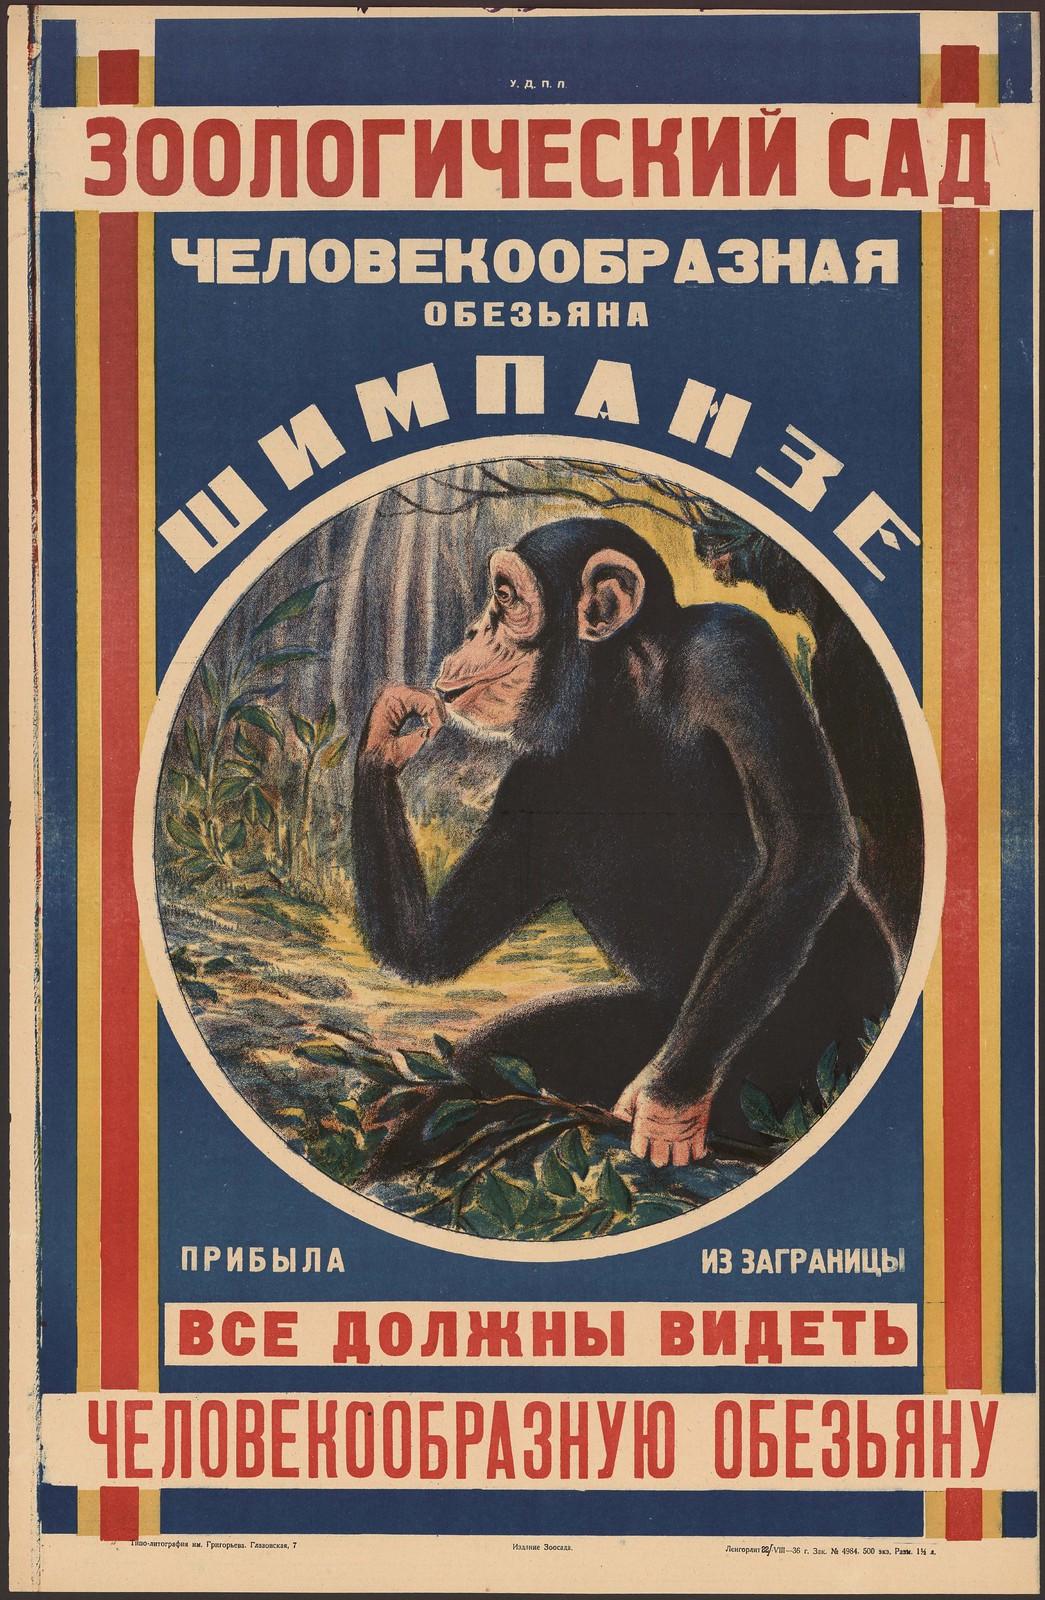 1936. Зоологический сад. Человекообразная обезьяна шимпанзе прибыла из-за границы. Все должны видеть человекообразную обезьяну